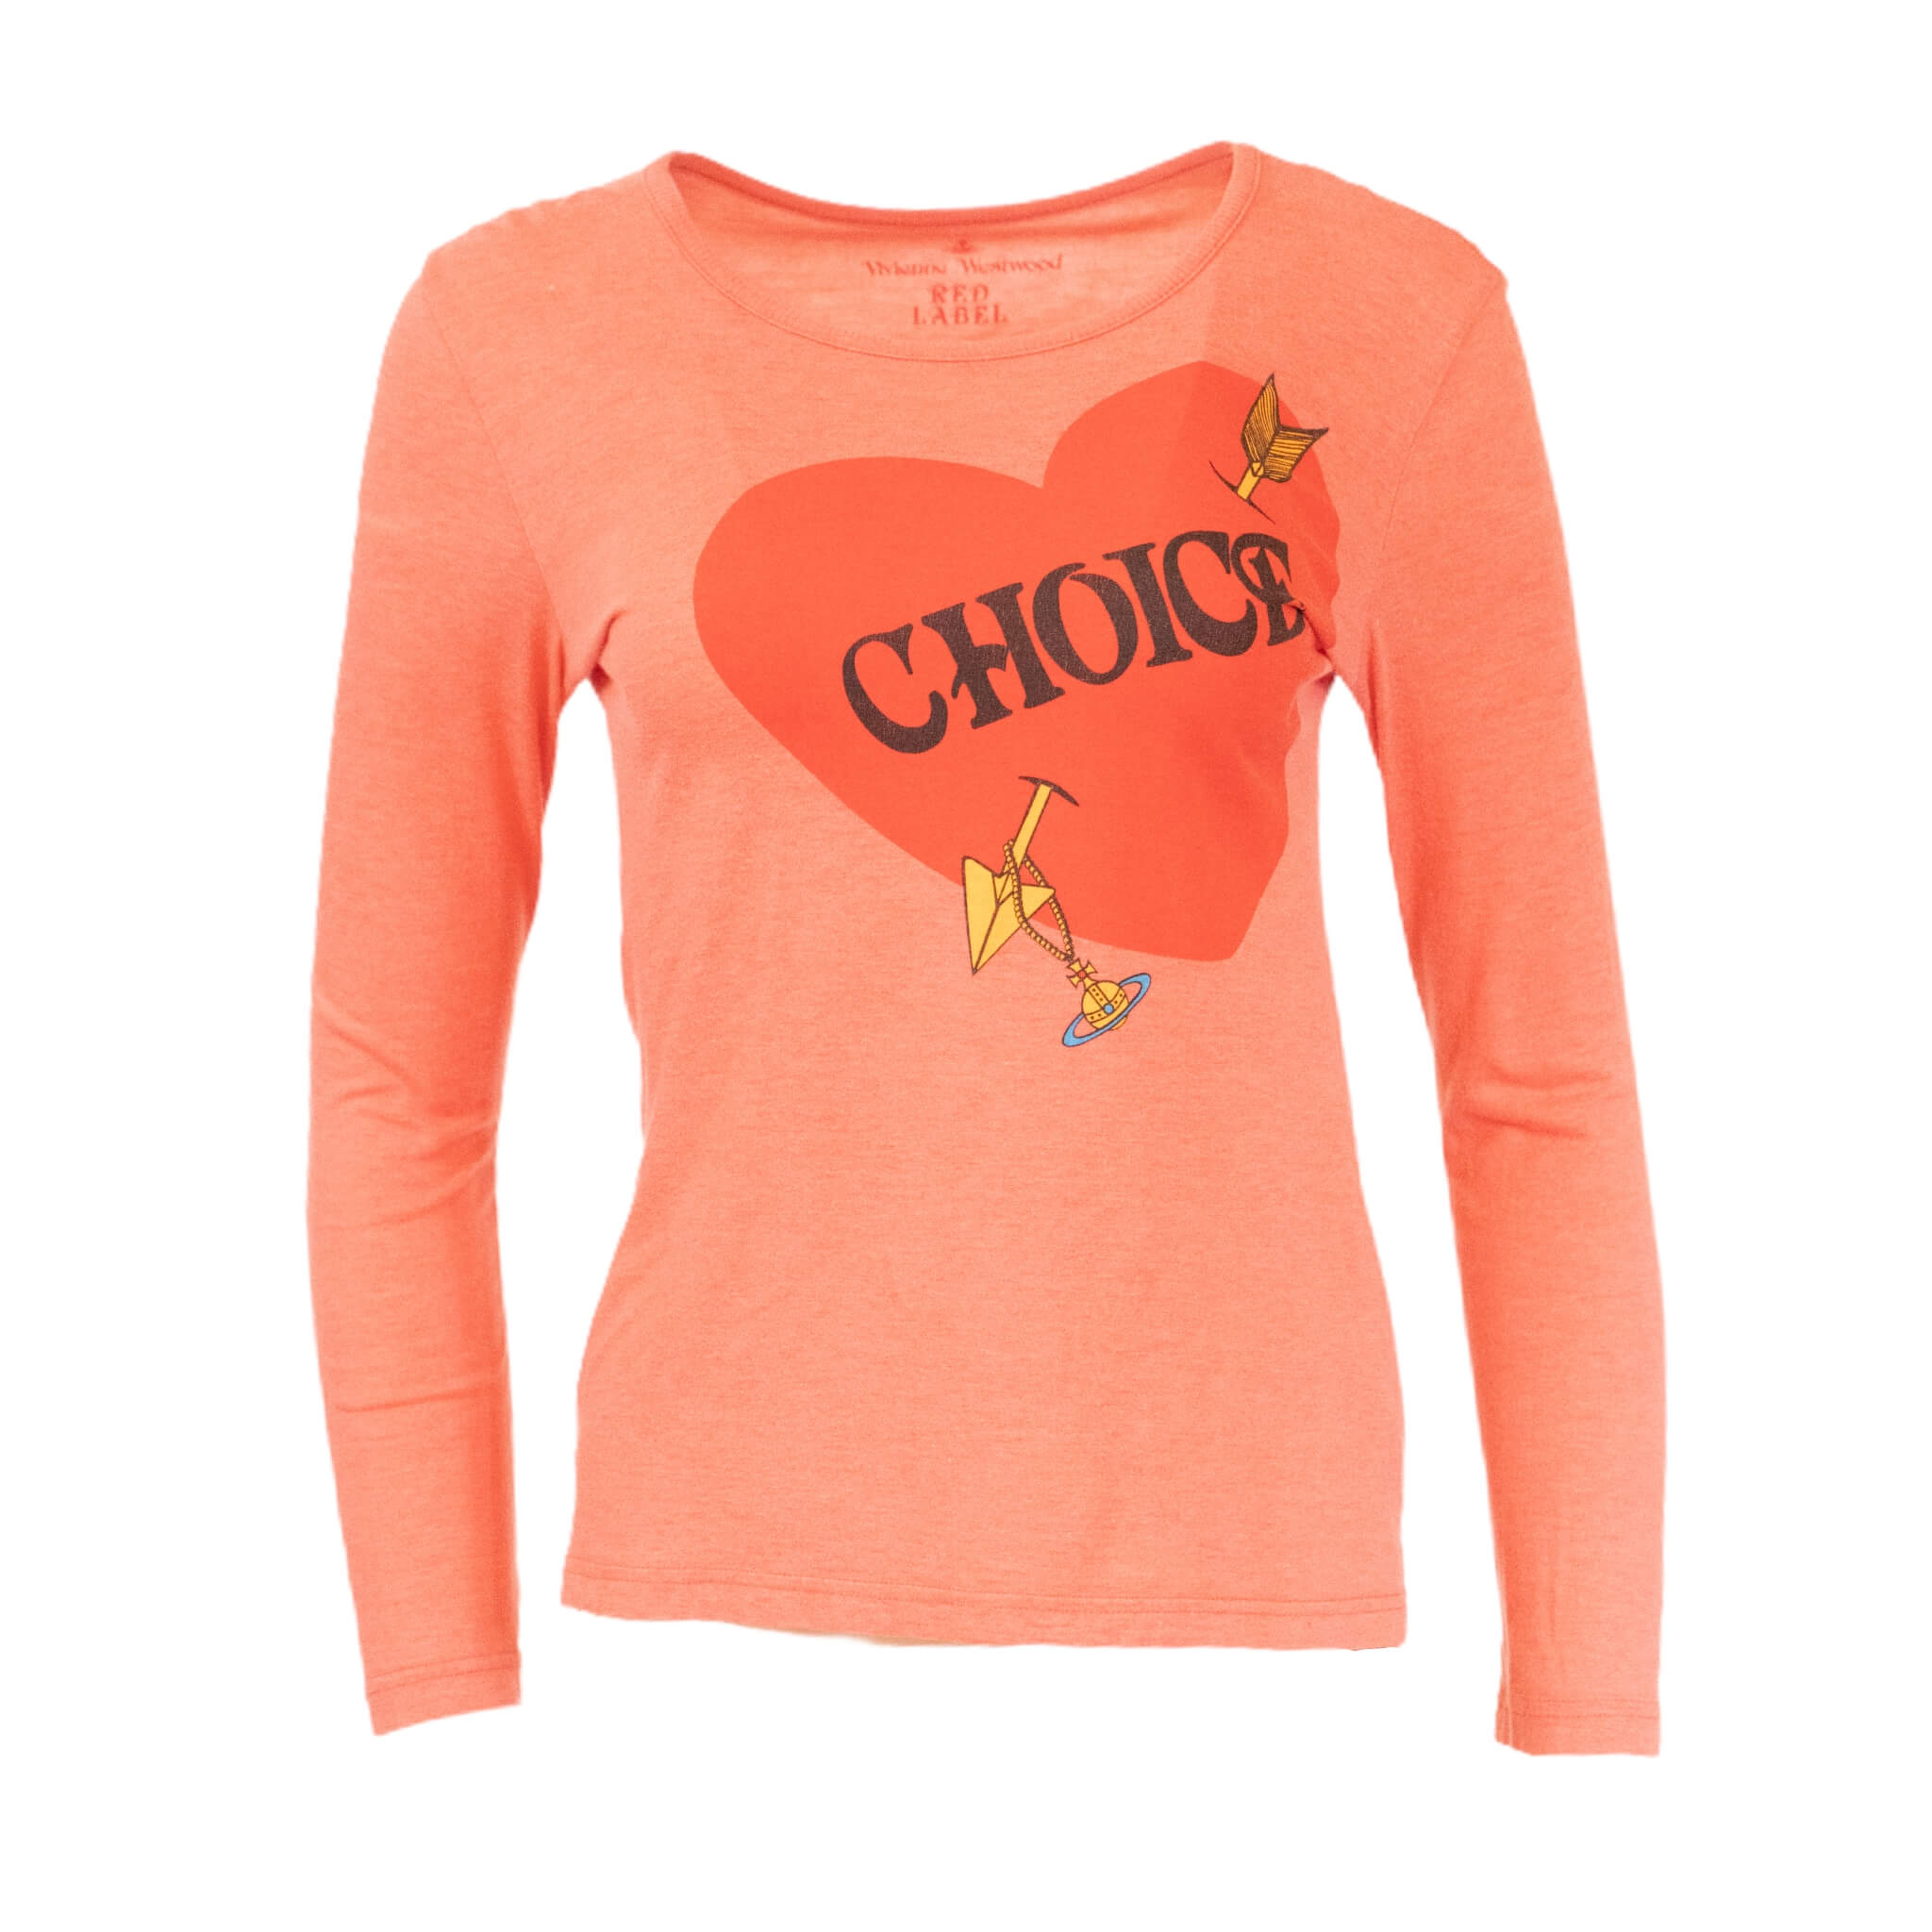 Vivienne Westwood Choose Choice Tee